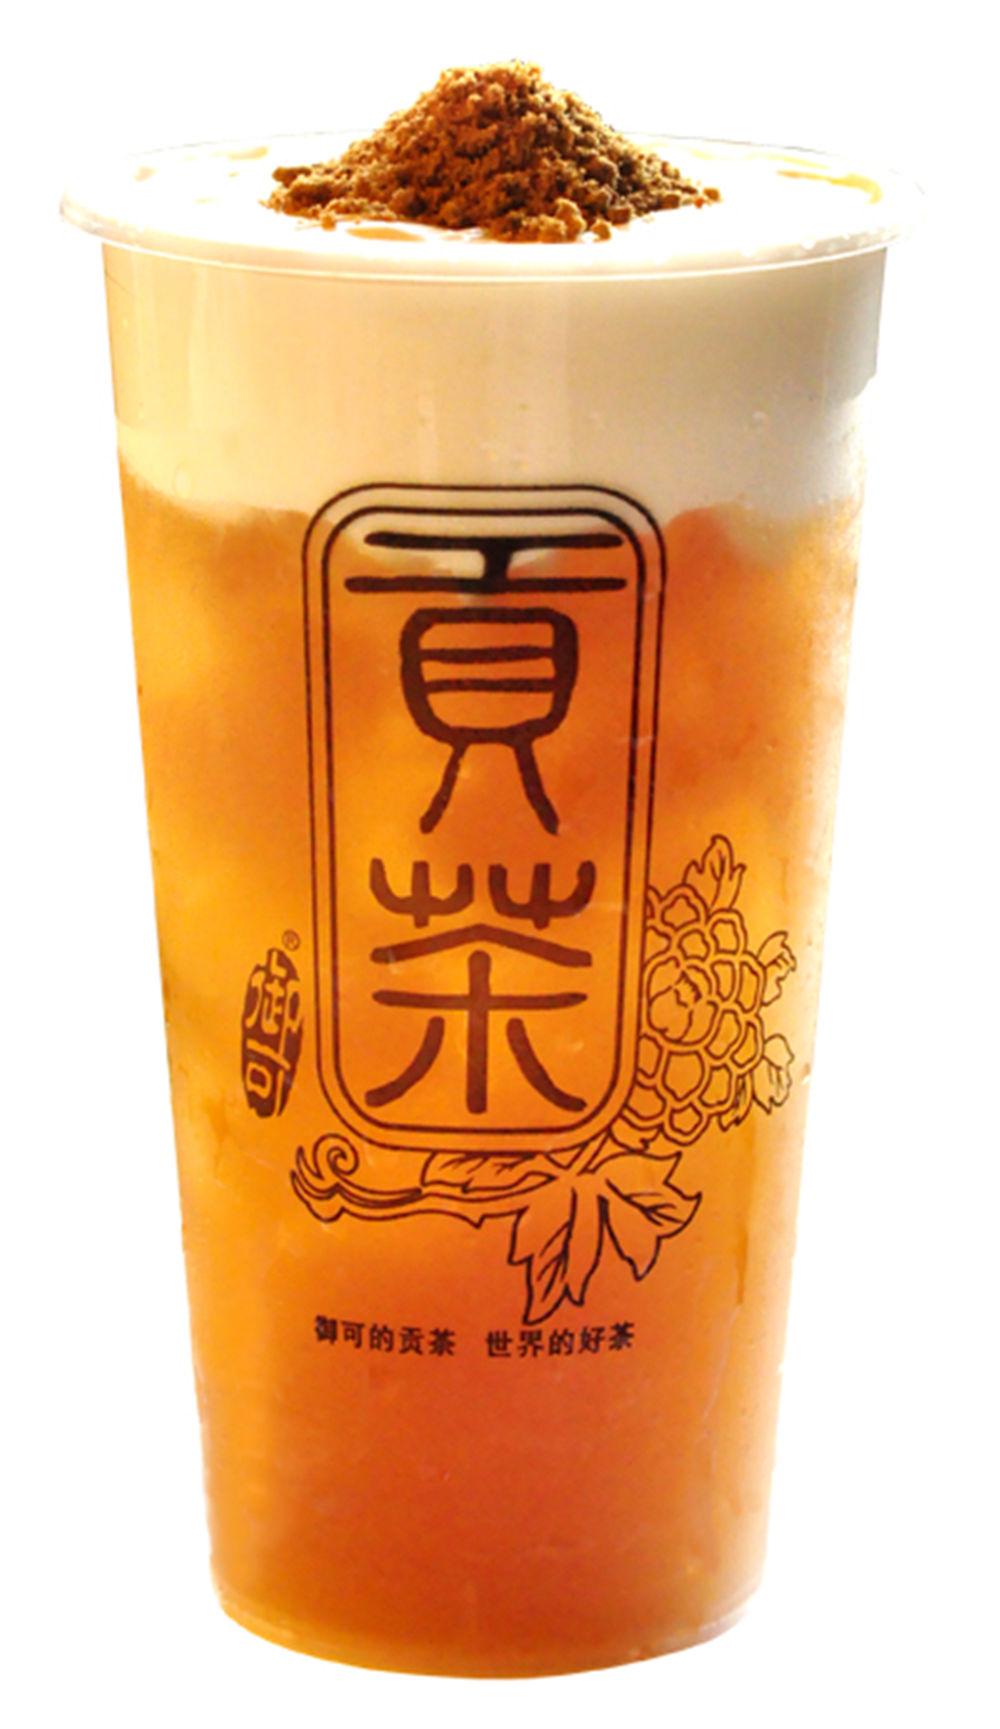 【新品贡茶】黑糖奶盖乌龙